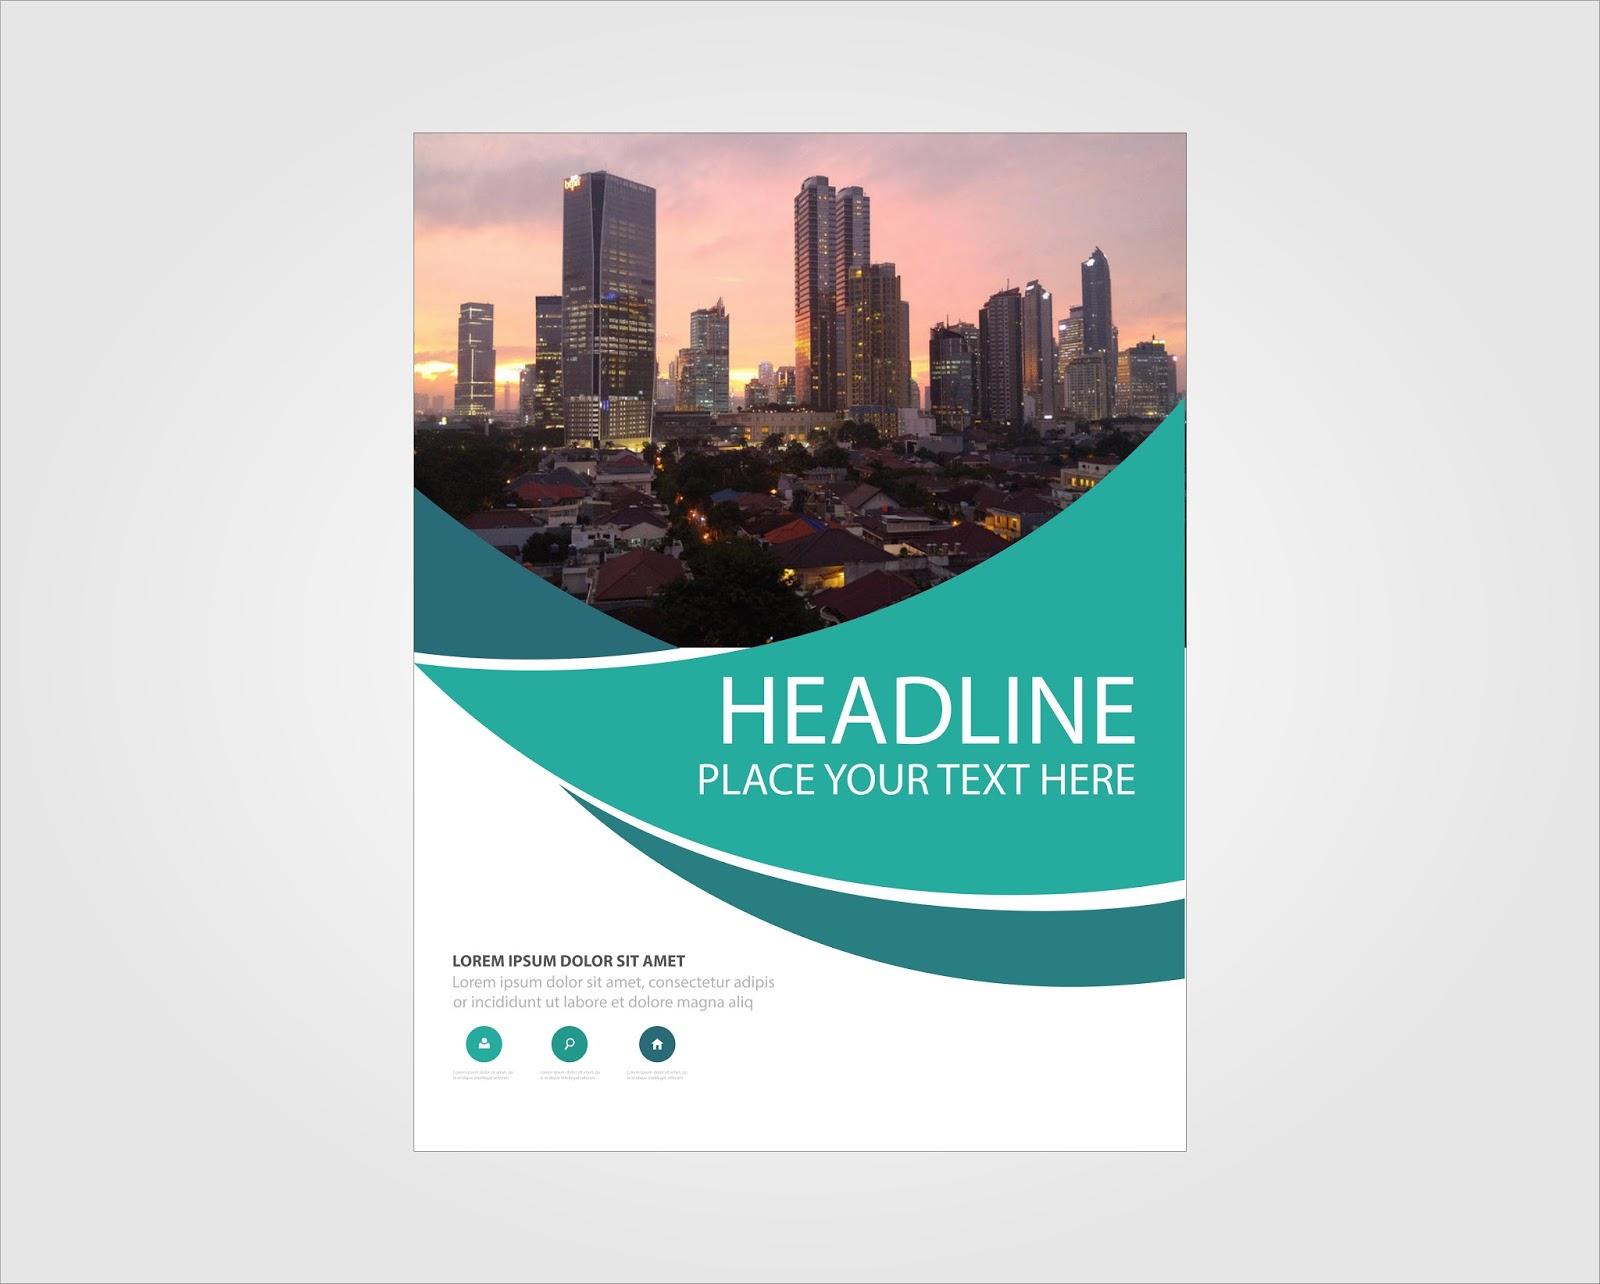 Book Cover Template Coreldraw : Free download book cover jakarta guru corel